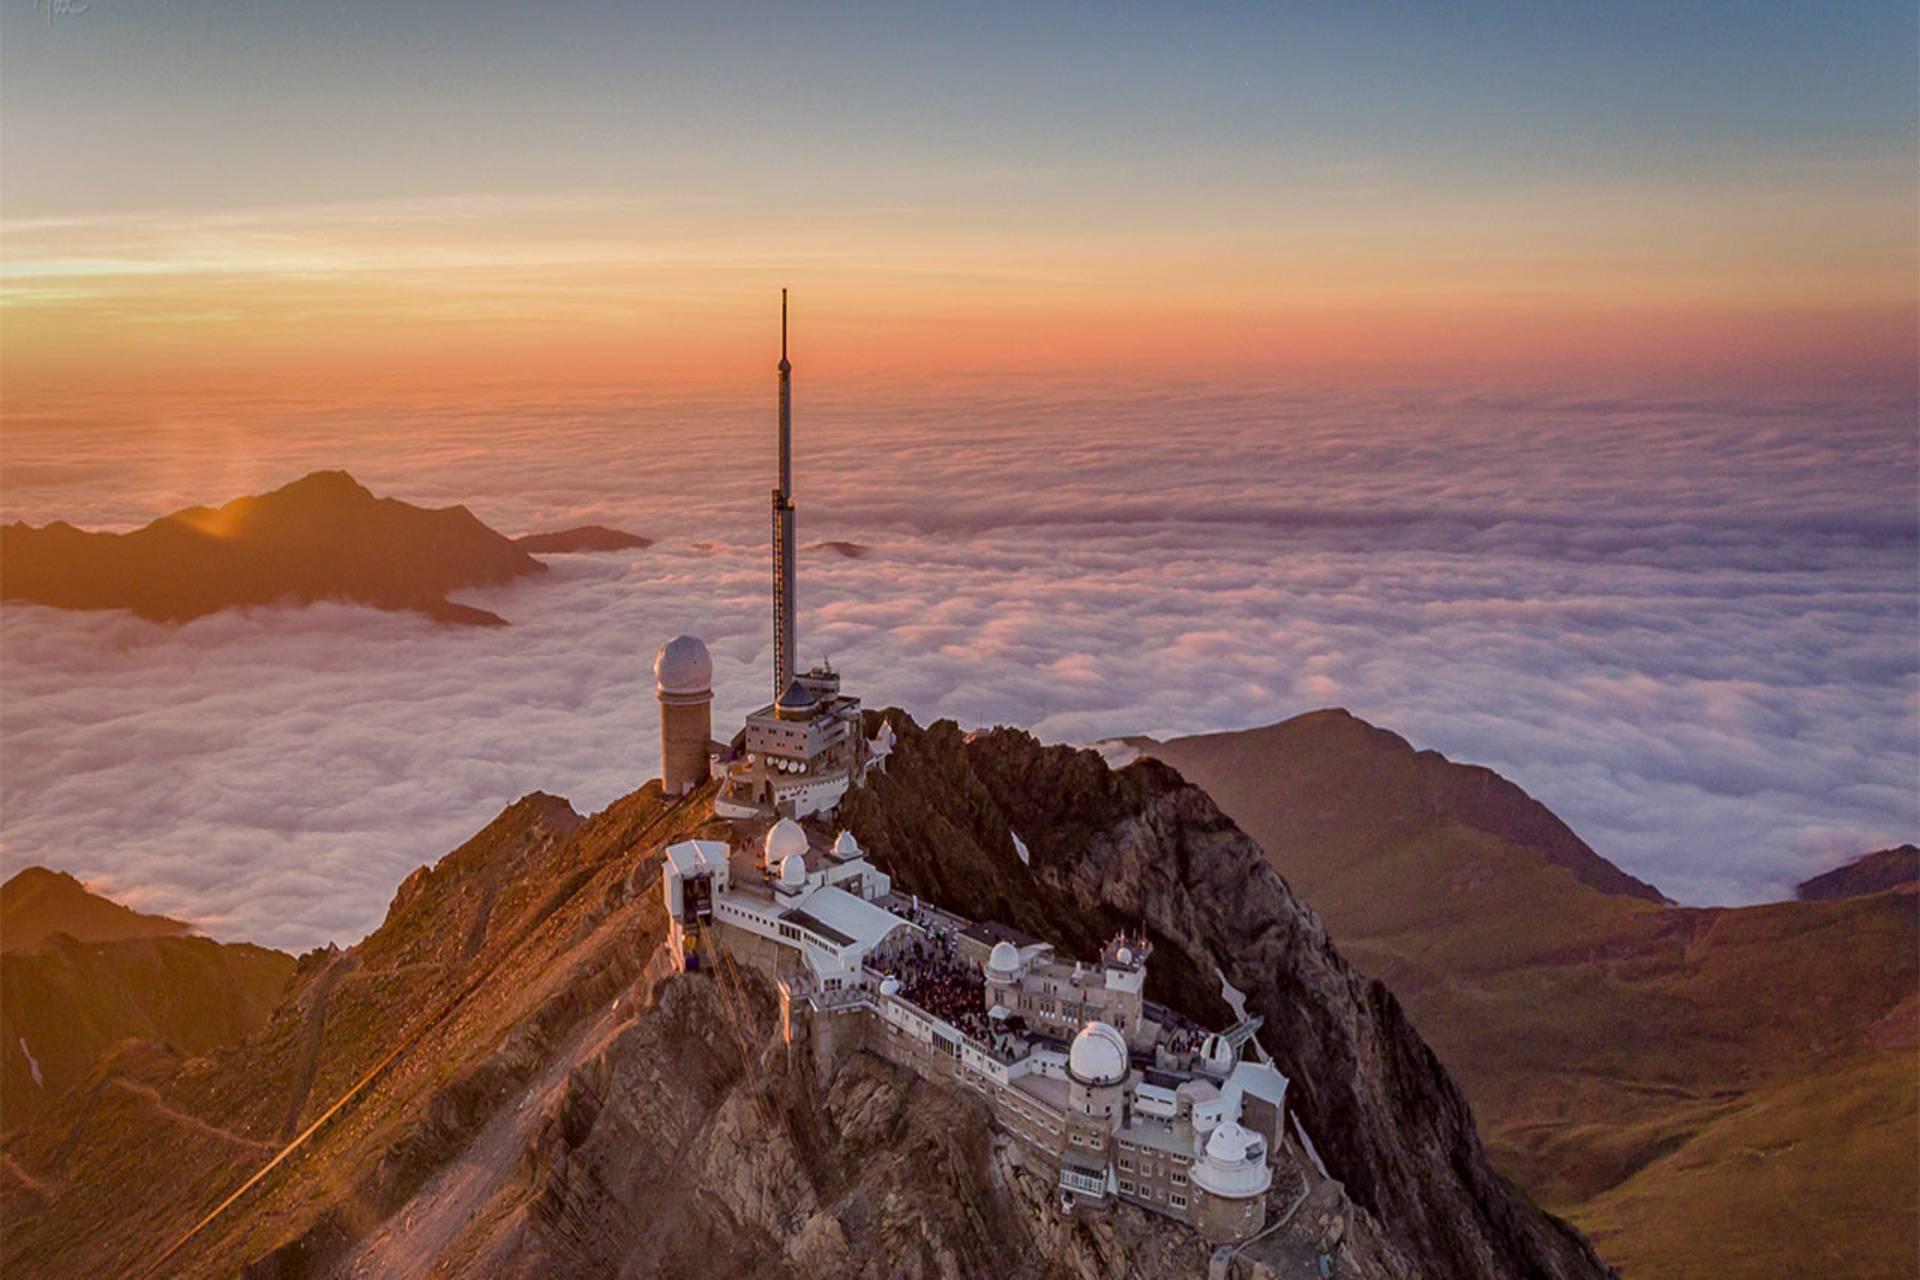 L'observatoire du Pic du Midi au dessus des nuages et juste sous les étoiles